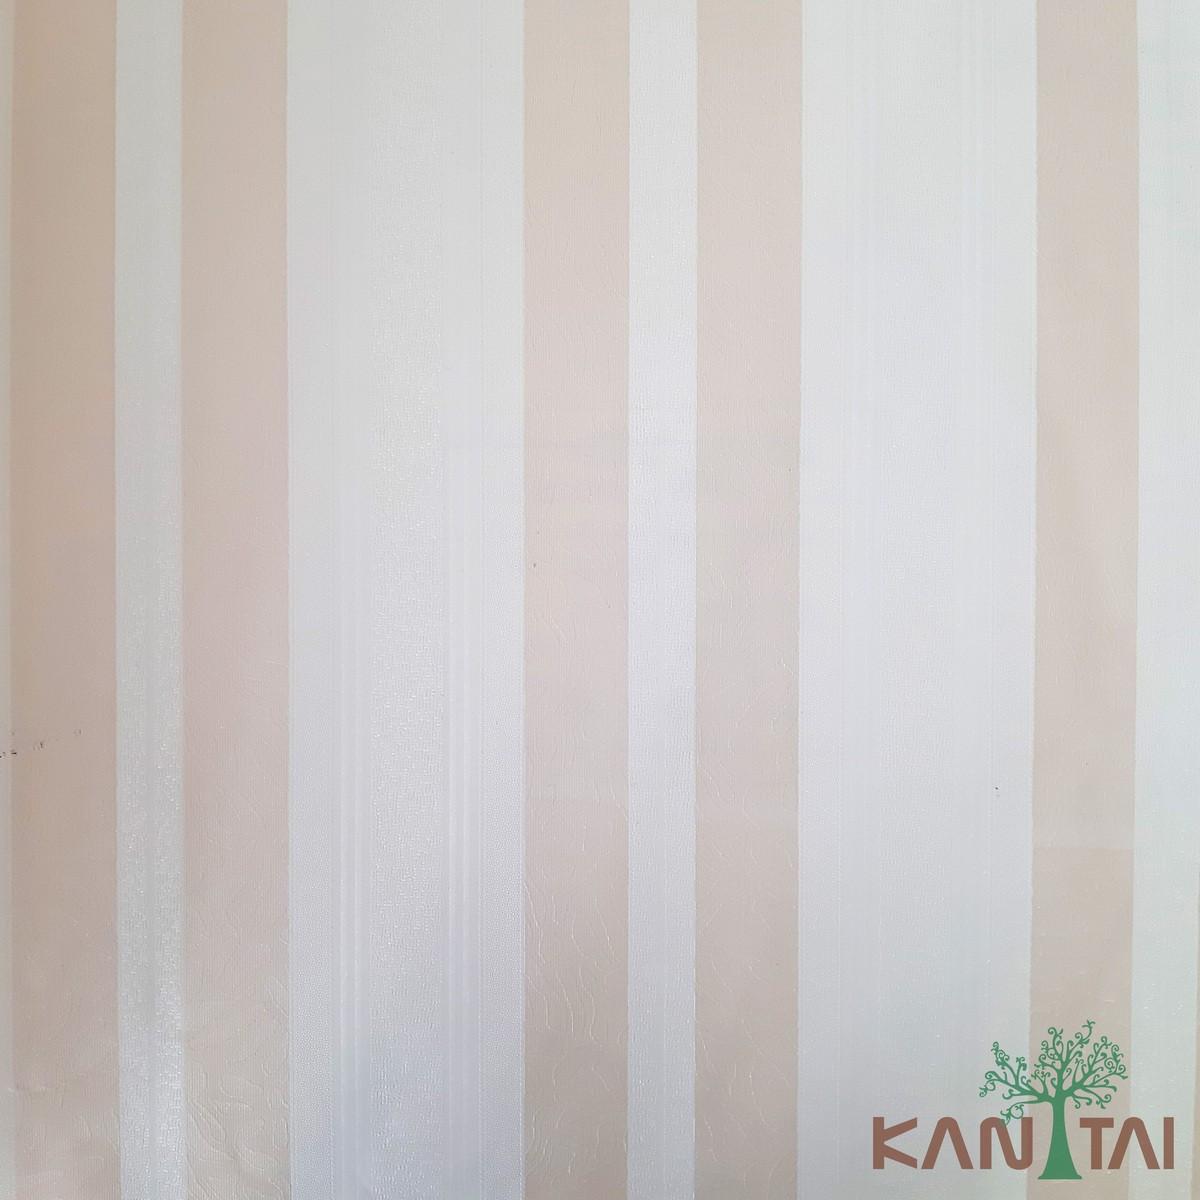 Papel de Parede Kan Tai Vinílico Coleção Grace 3 Listrado Salmão, Creme, Detalhes Abstrato